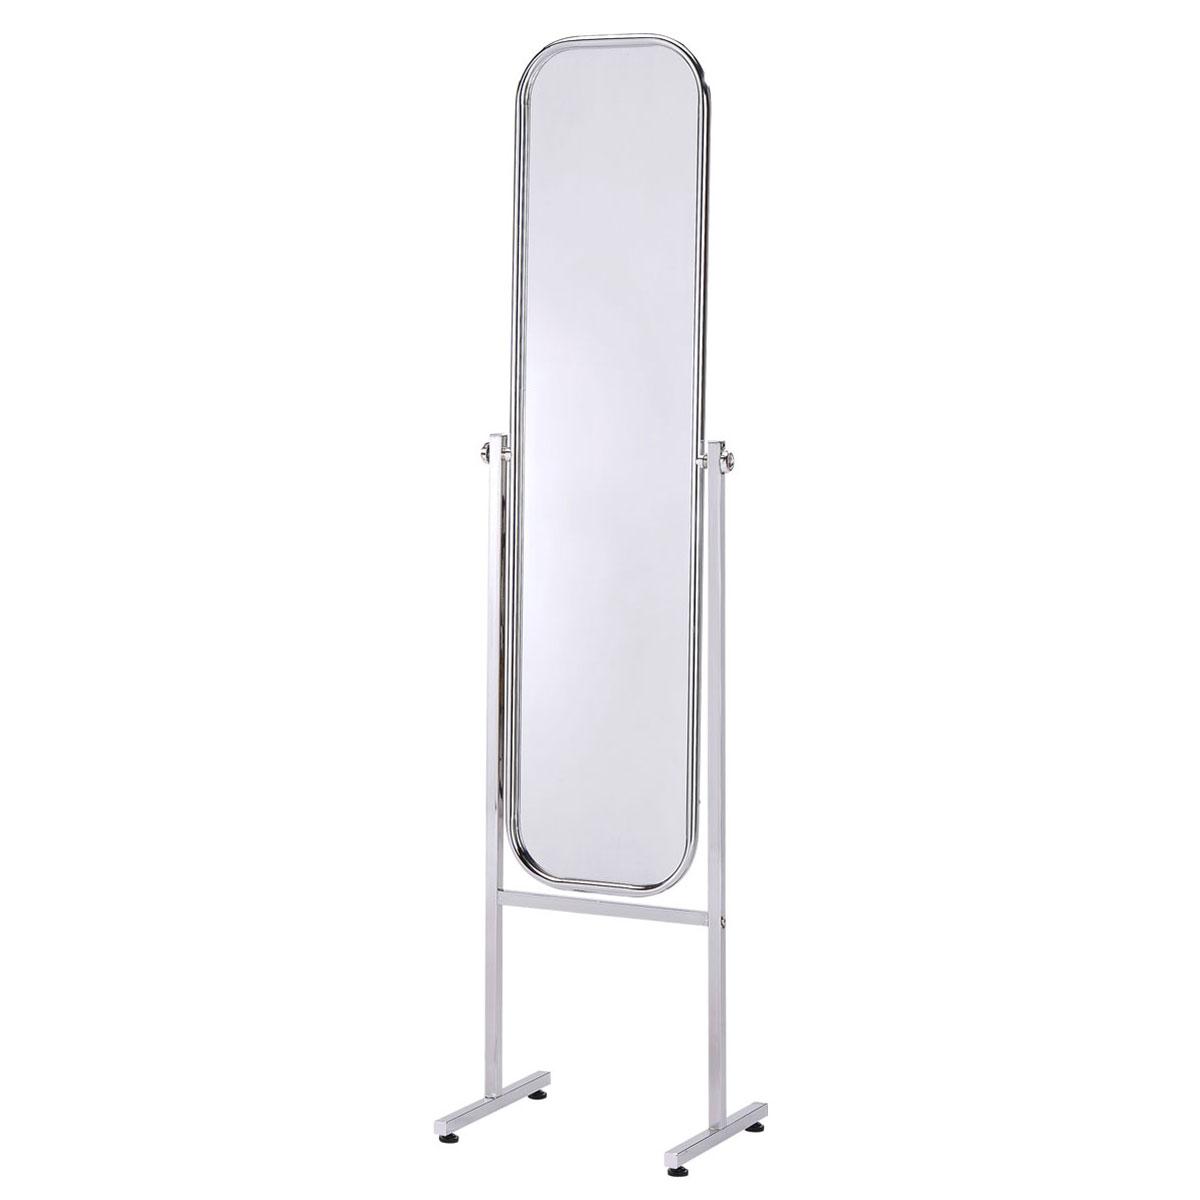 Зеркало напольноеGC1812Прямоугольное напольное зеркало сделает интерьер любой комнаты изысканным и аристократичным. Данное зеркало является сборным, все детали выполнены из качественного металла и стекла. В комплект входят необходимые крепежи и инструкция по сборке.